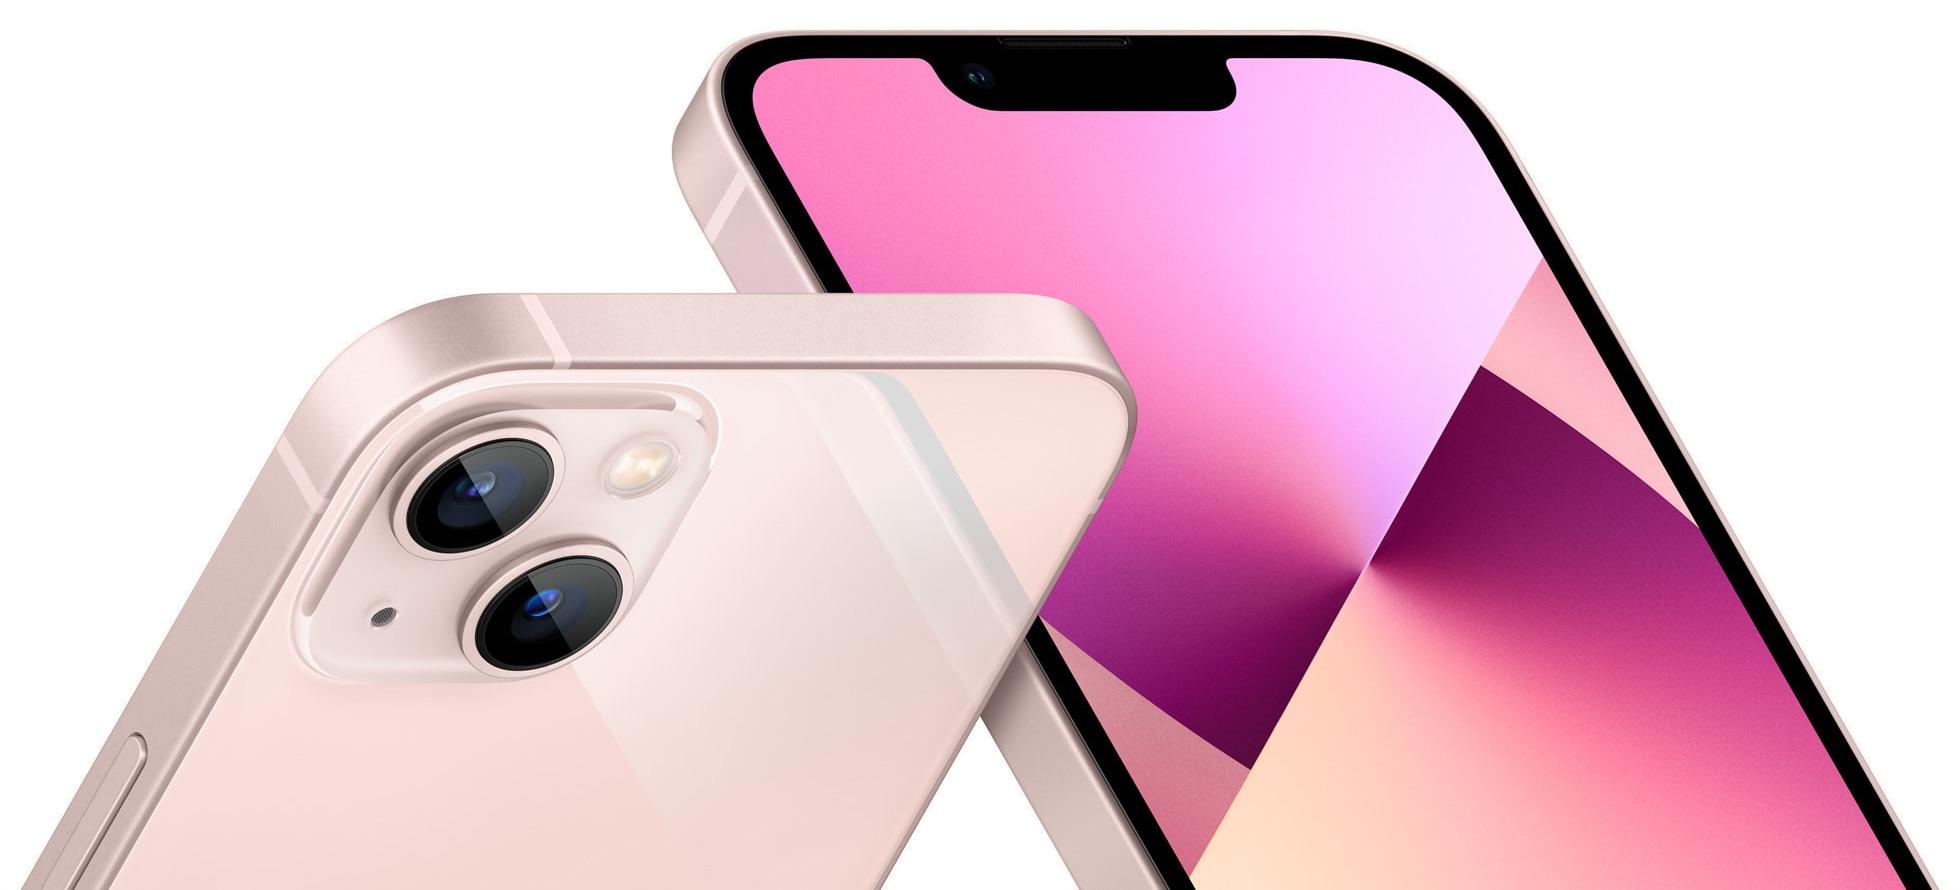 iphone 13 13 mini notch camera